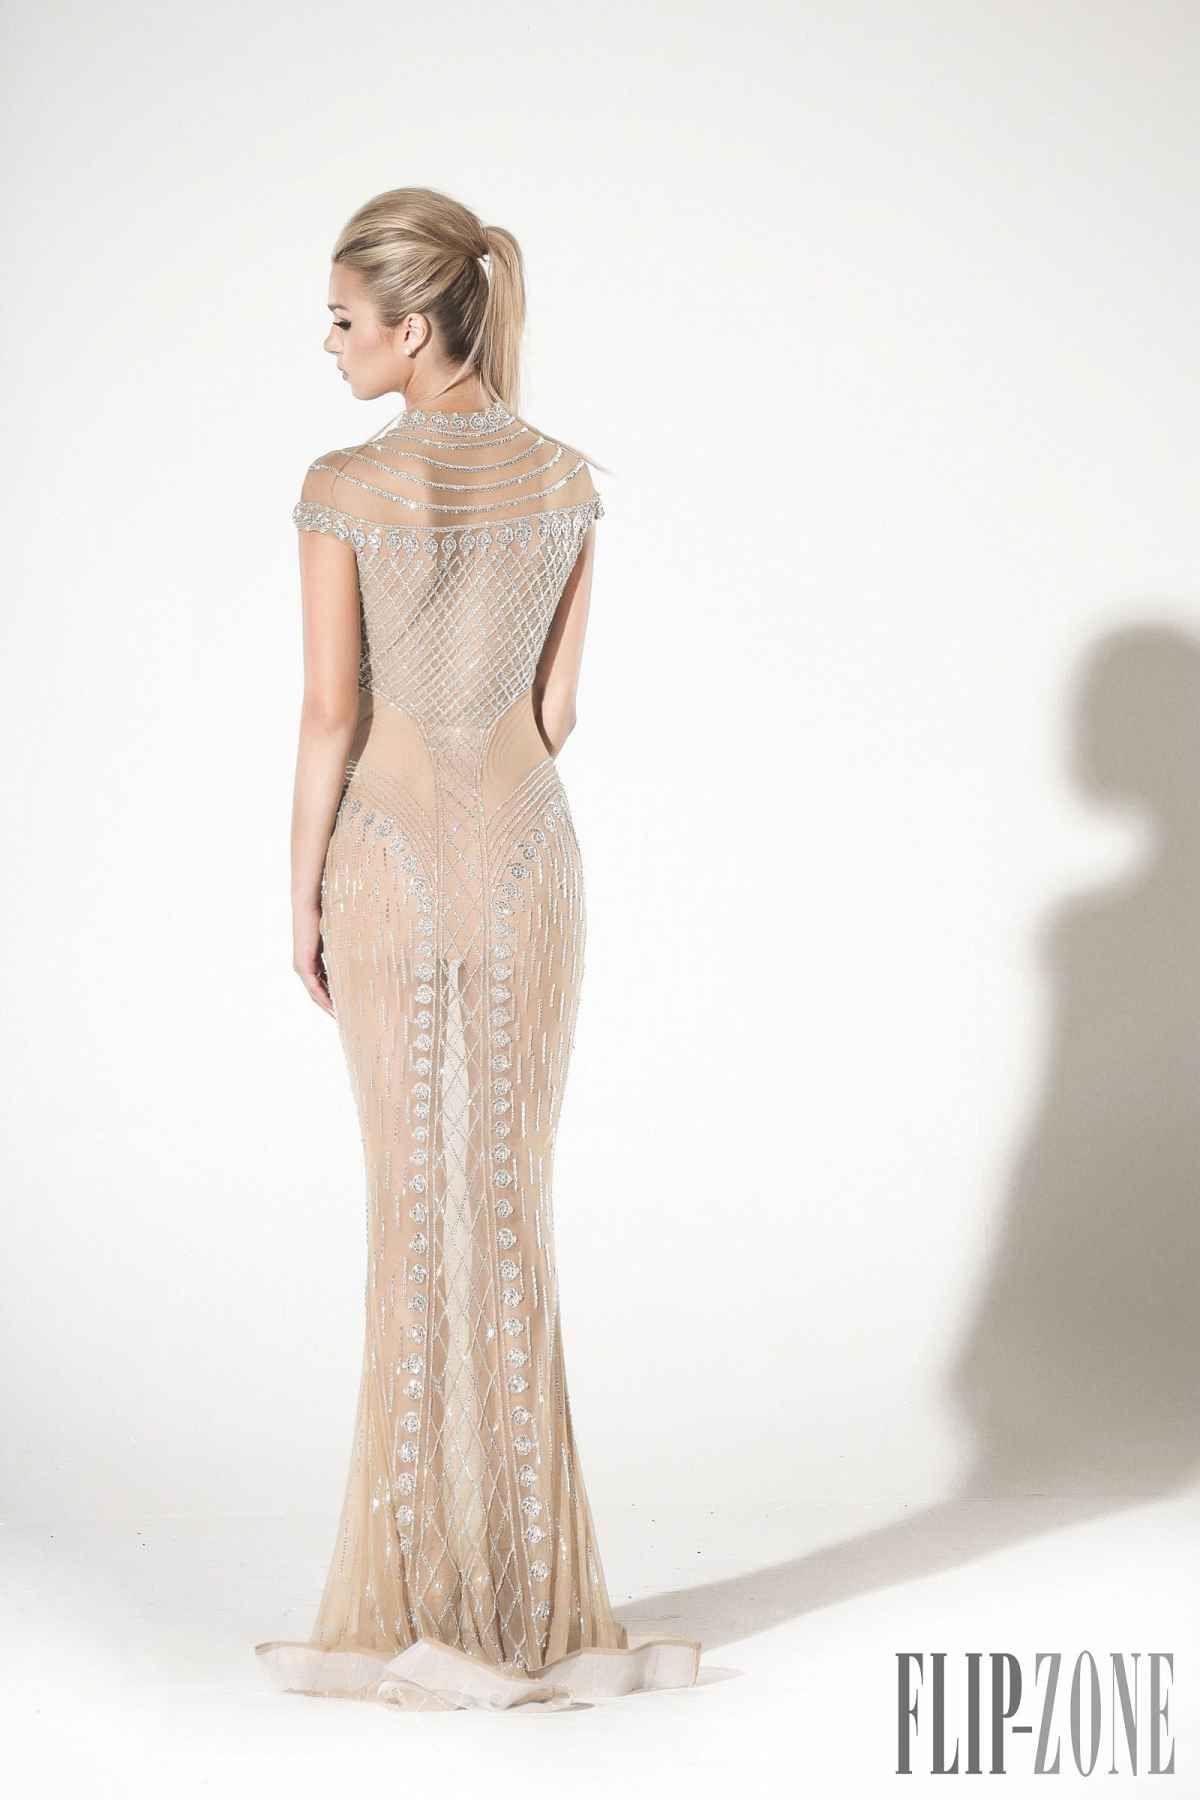 Charbel Zoé Frühjahr/Sommer 17 - Couture  Schöne lange kleider